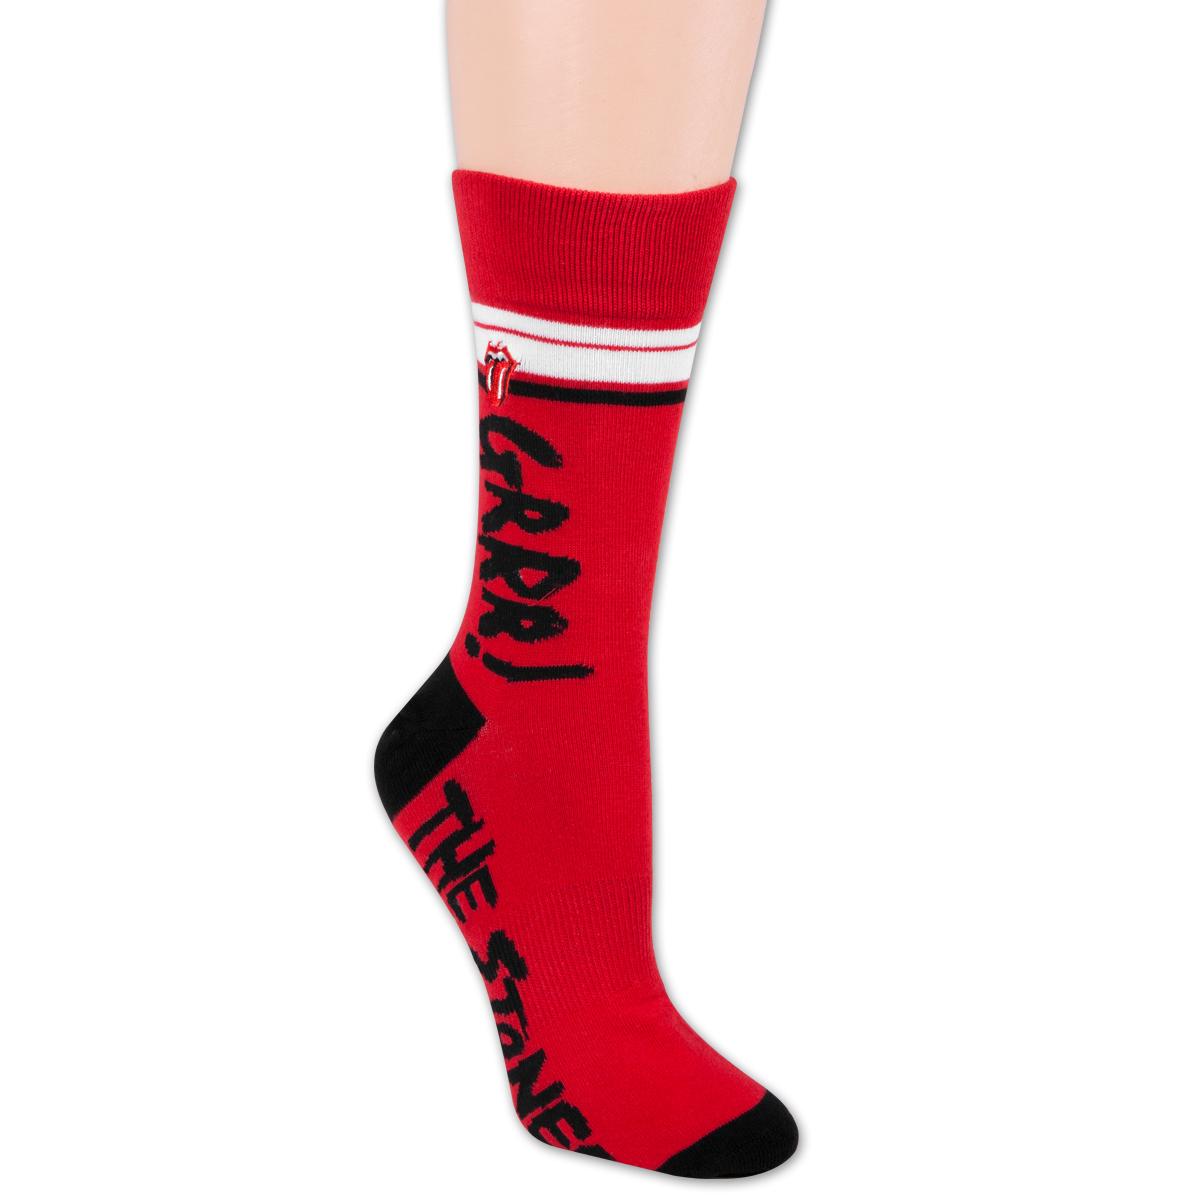 GRRR! Socks